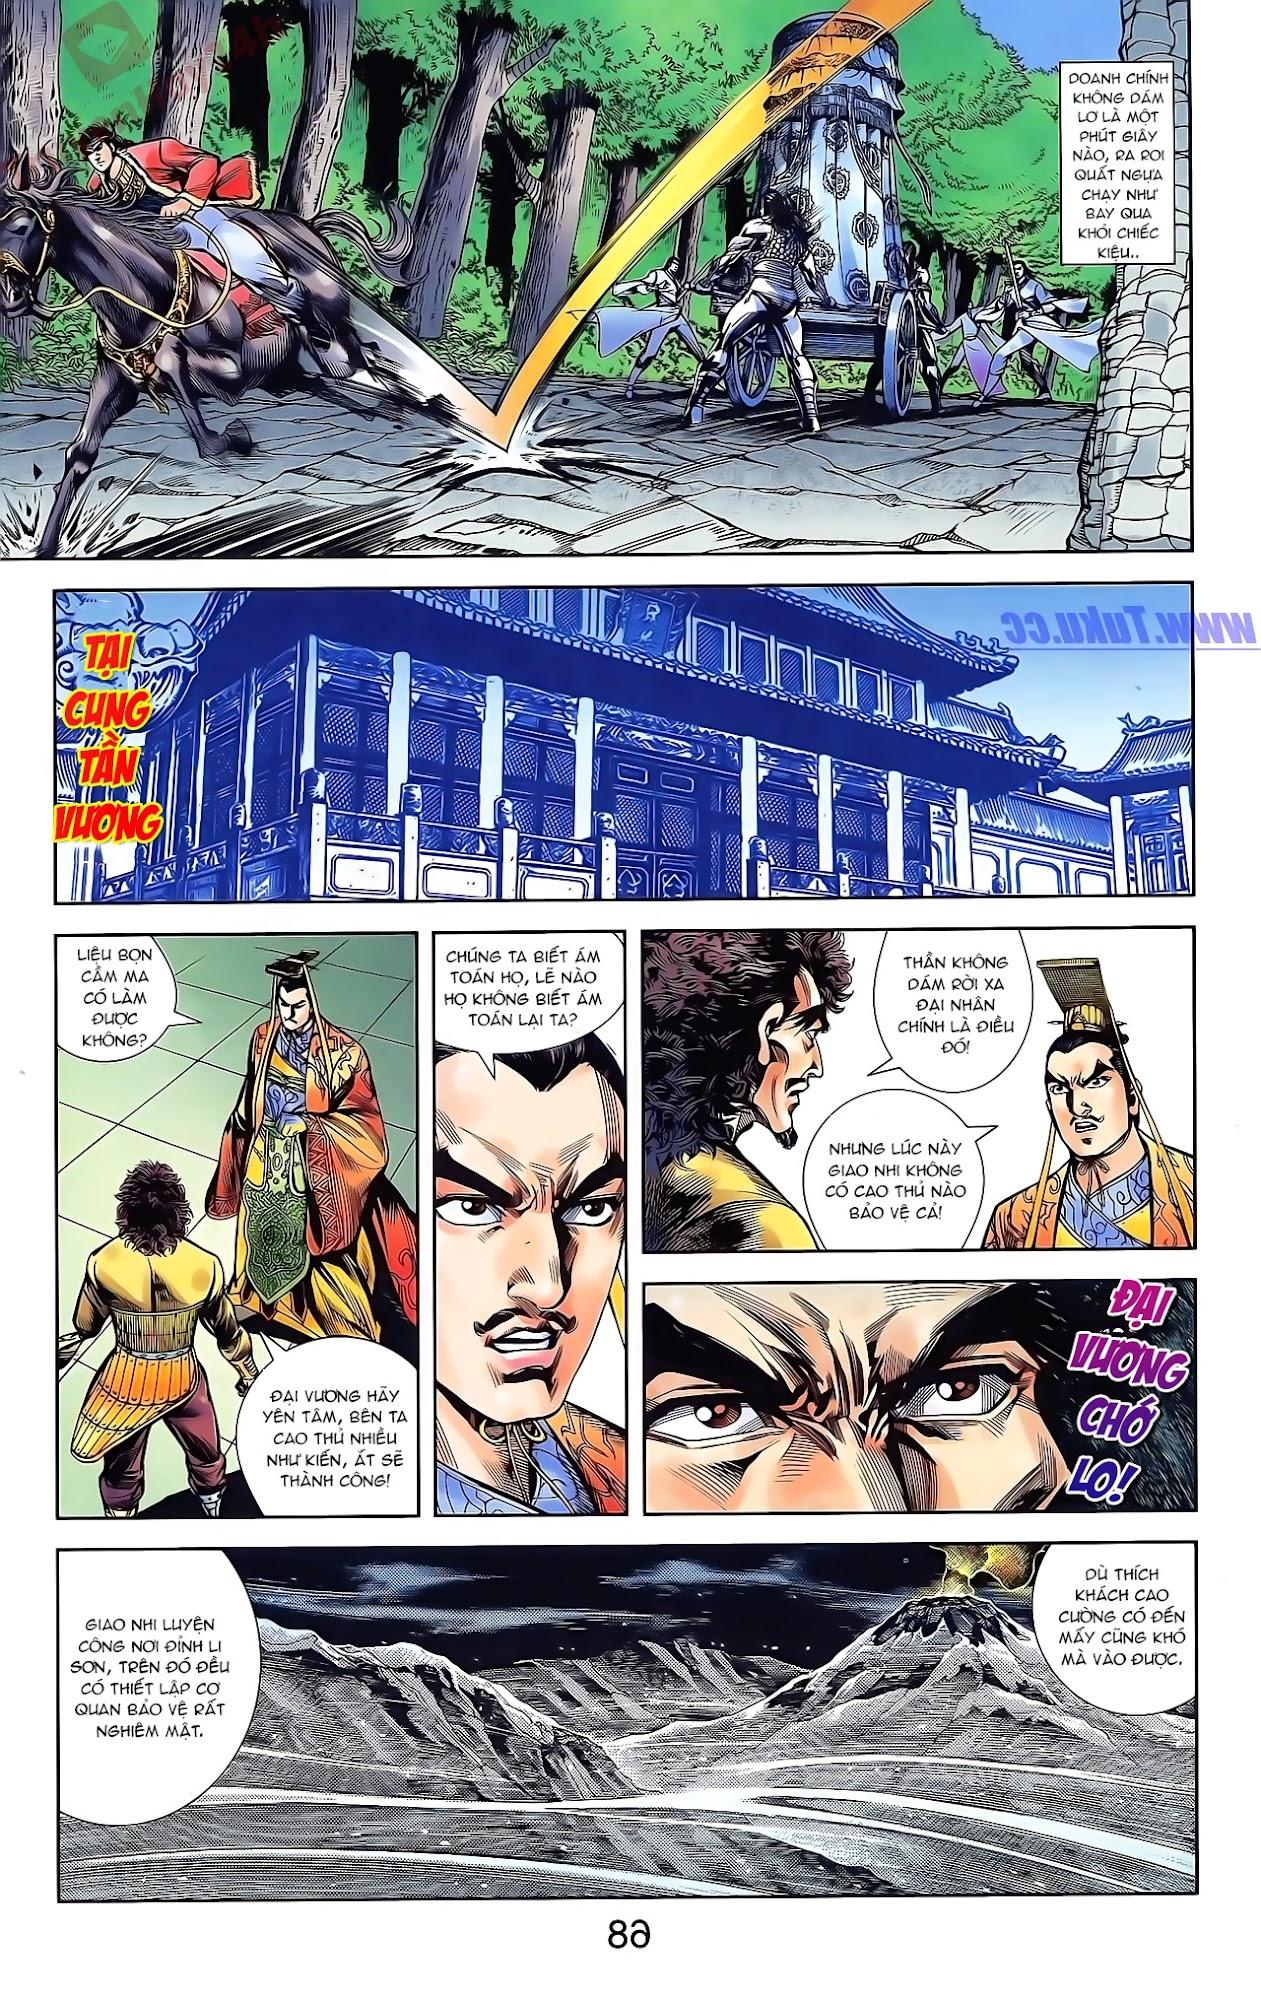 Tần Vương Doanh Chính chapter 44 trang 20